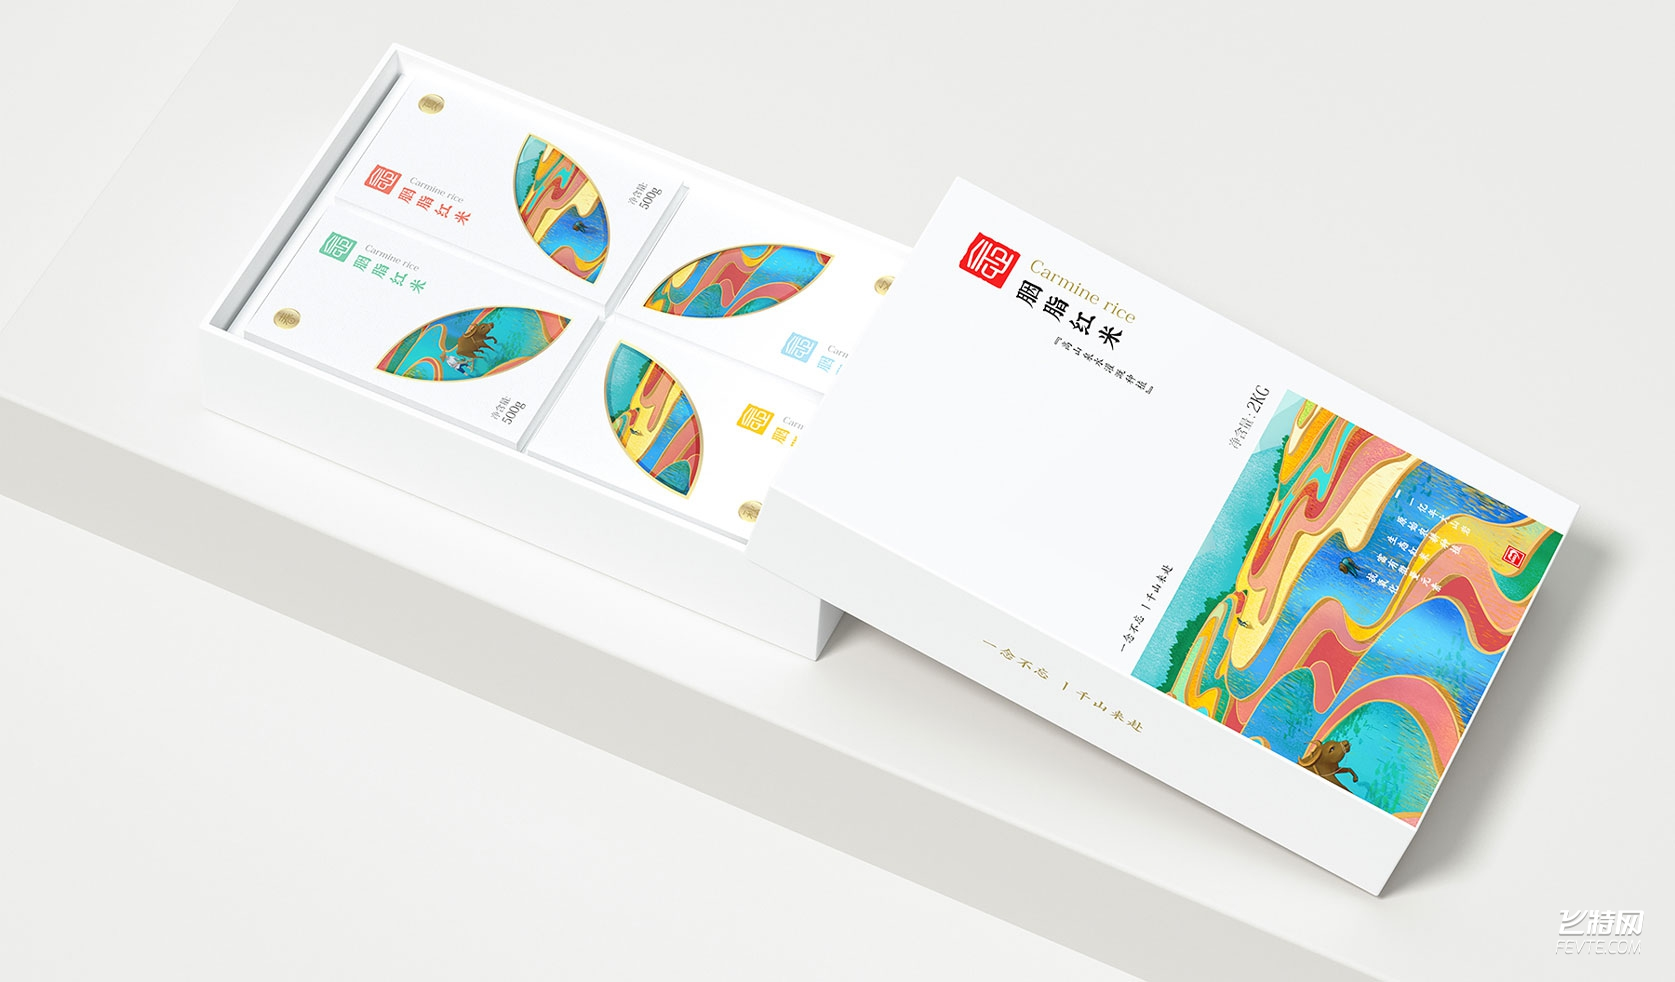 德信念山农场-生态米(图15)